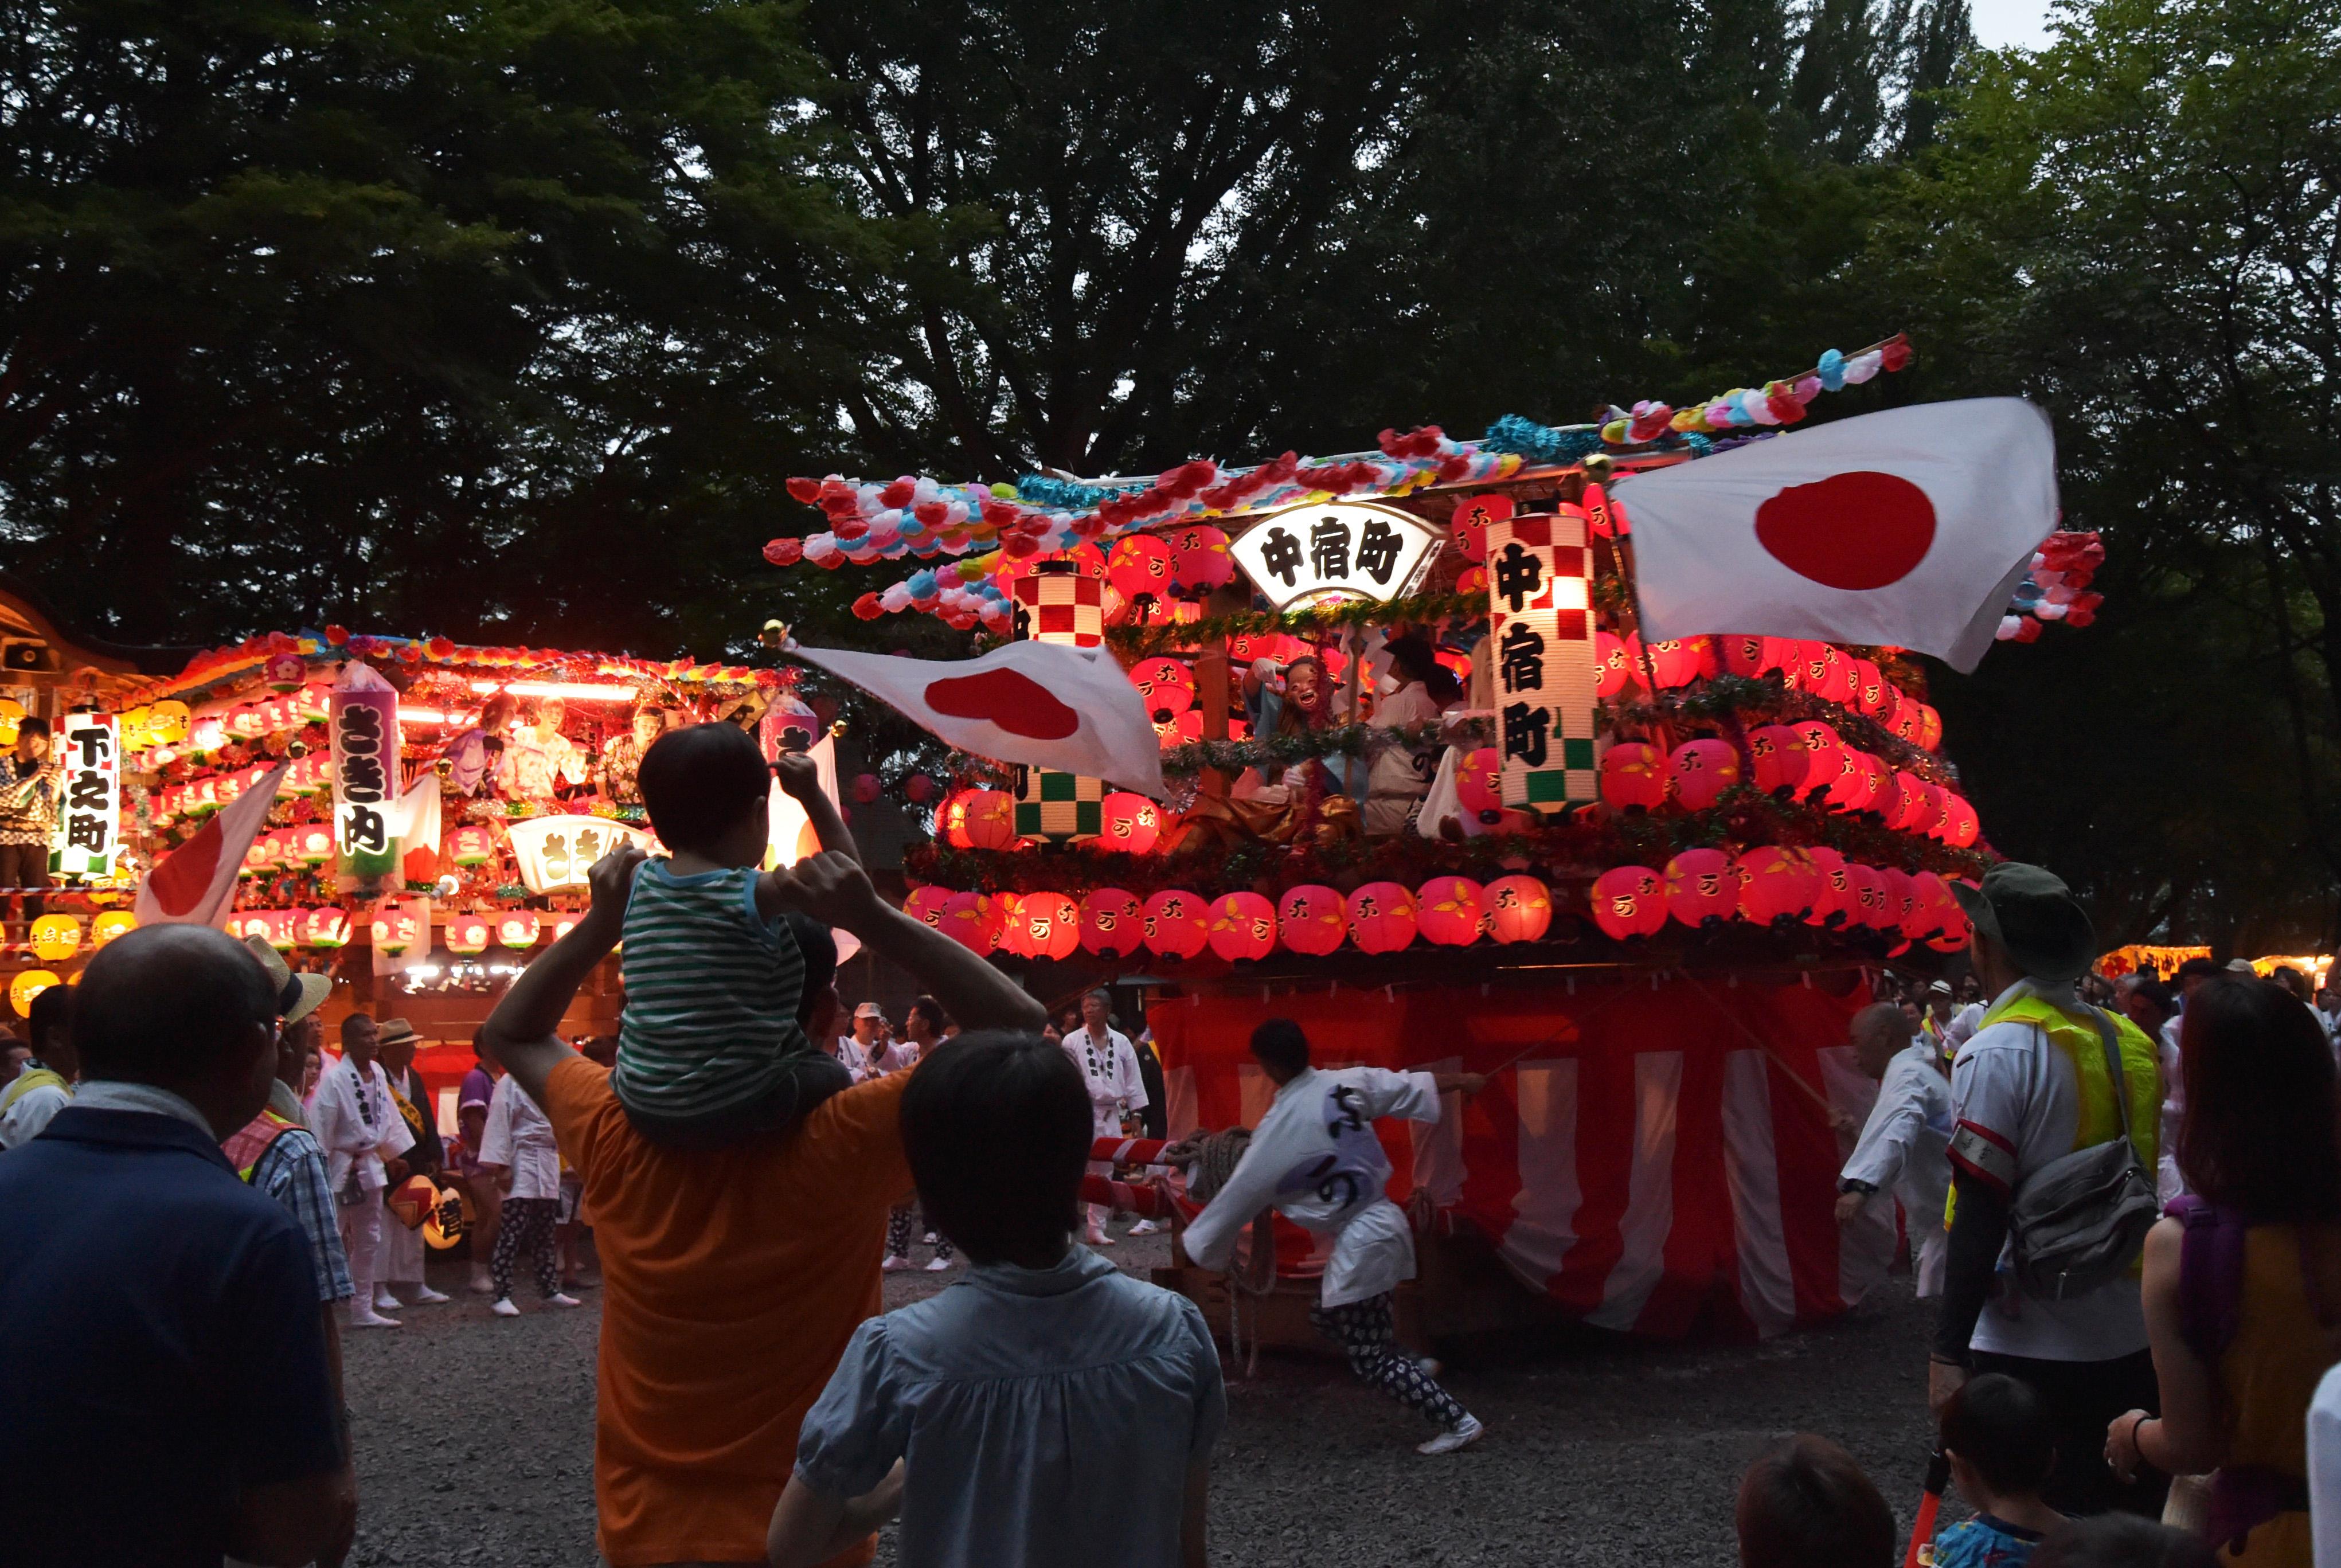 威勢よく回転する明かりの入ったちょうちんで飾られた山車=那珂市菅谷